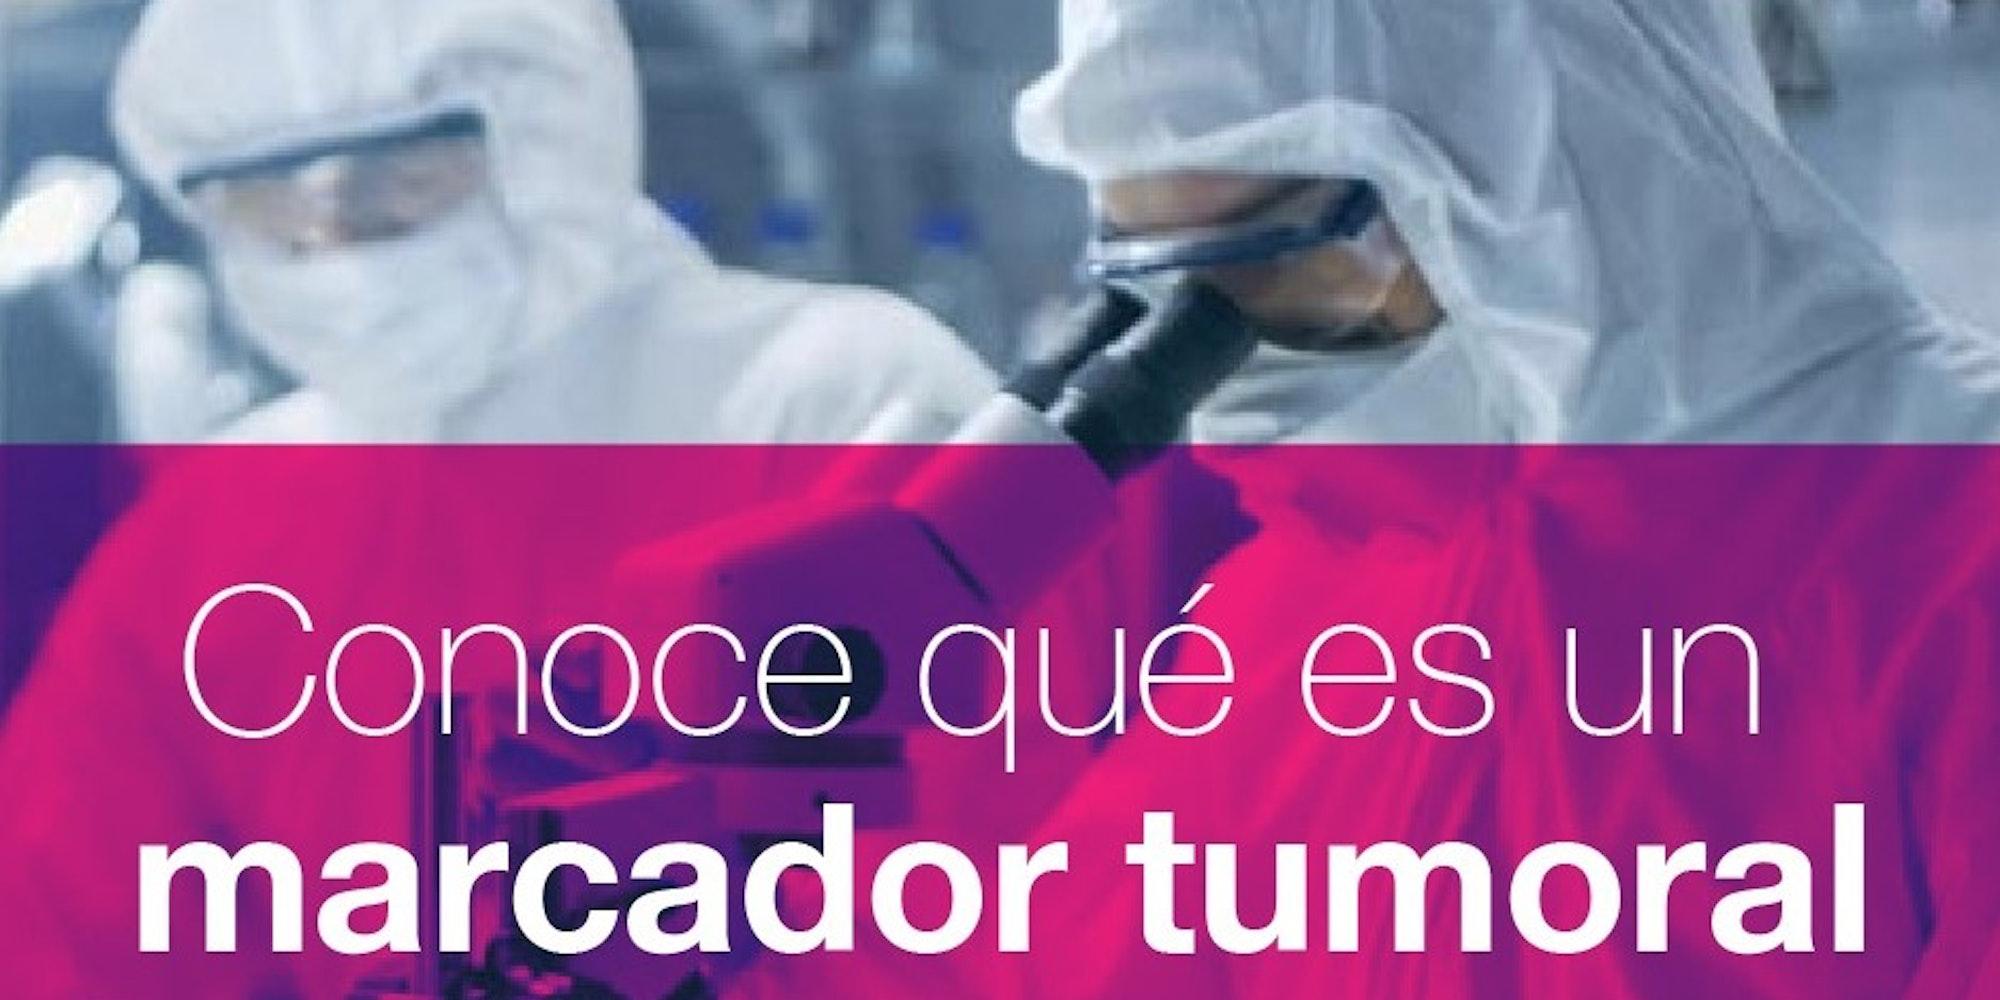 Cover Image for ¿Qué son los marcadores tumorales?